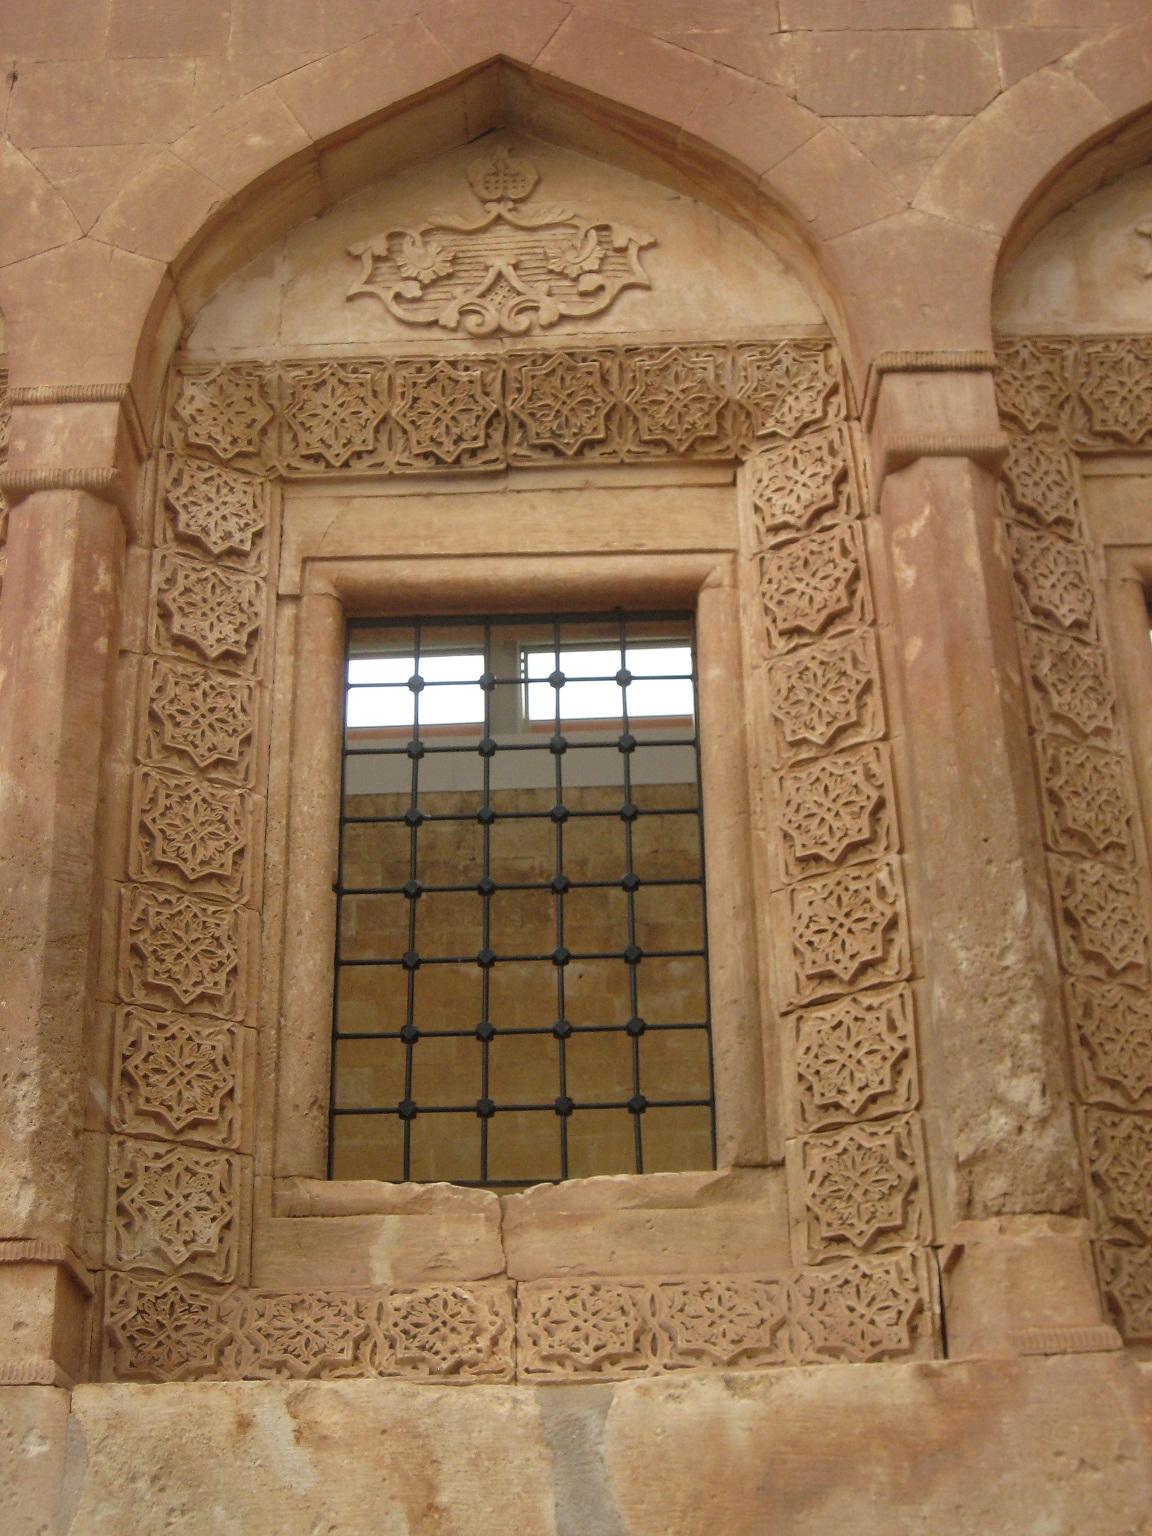 Իսհակ Փաշայի Պալատի զարդաքանդակները, գեղազարդարուած հայ վարպետներու կողմէ: